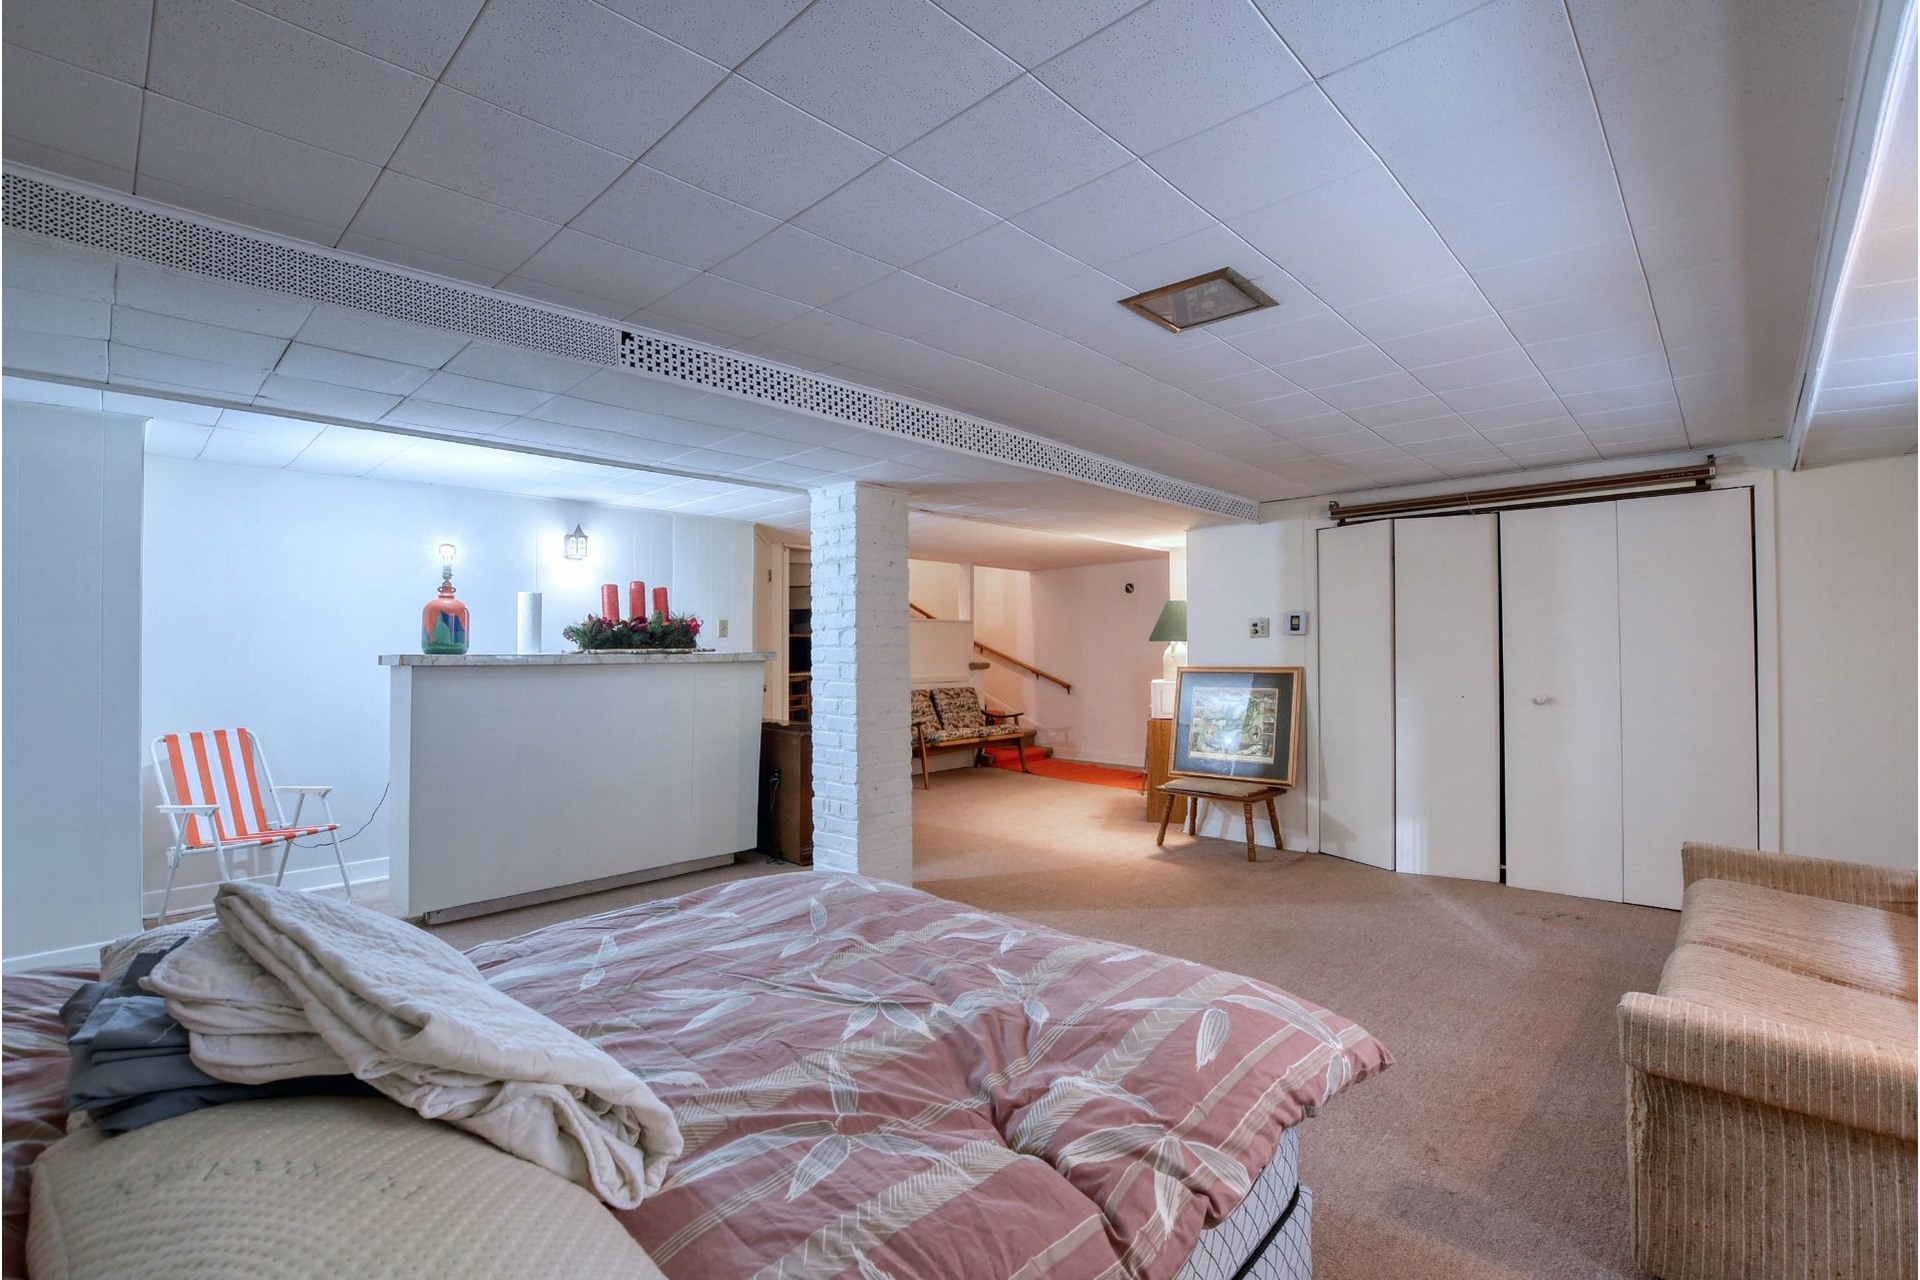 image 19 - Duplex For sale Côte-des-Neiges/Notre-Dame-de-Grâce Montréal  - 8 rooms